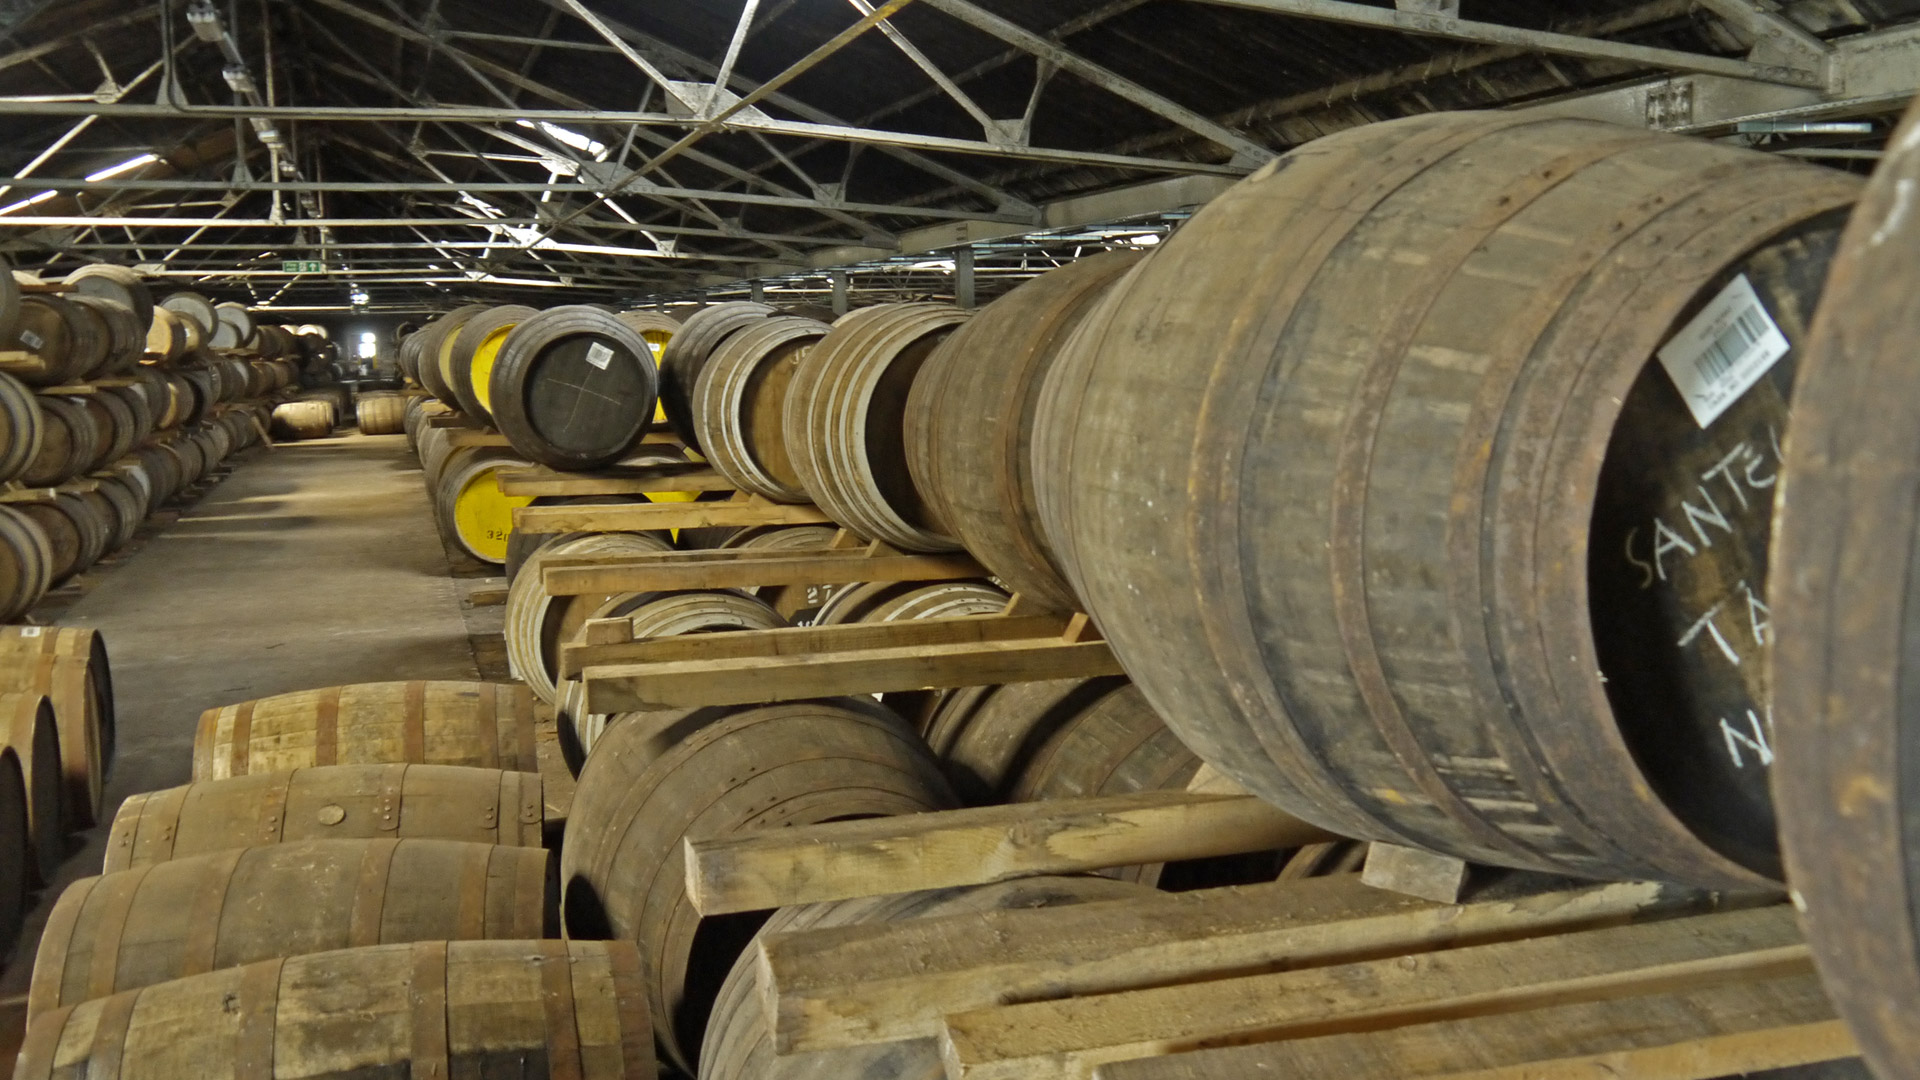 Unendliche Weiten: Eine lange Reihe Sherryfässer bei Glen Moray. (Foto: Malt Whisky)